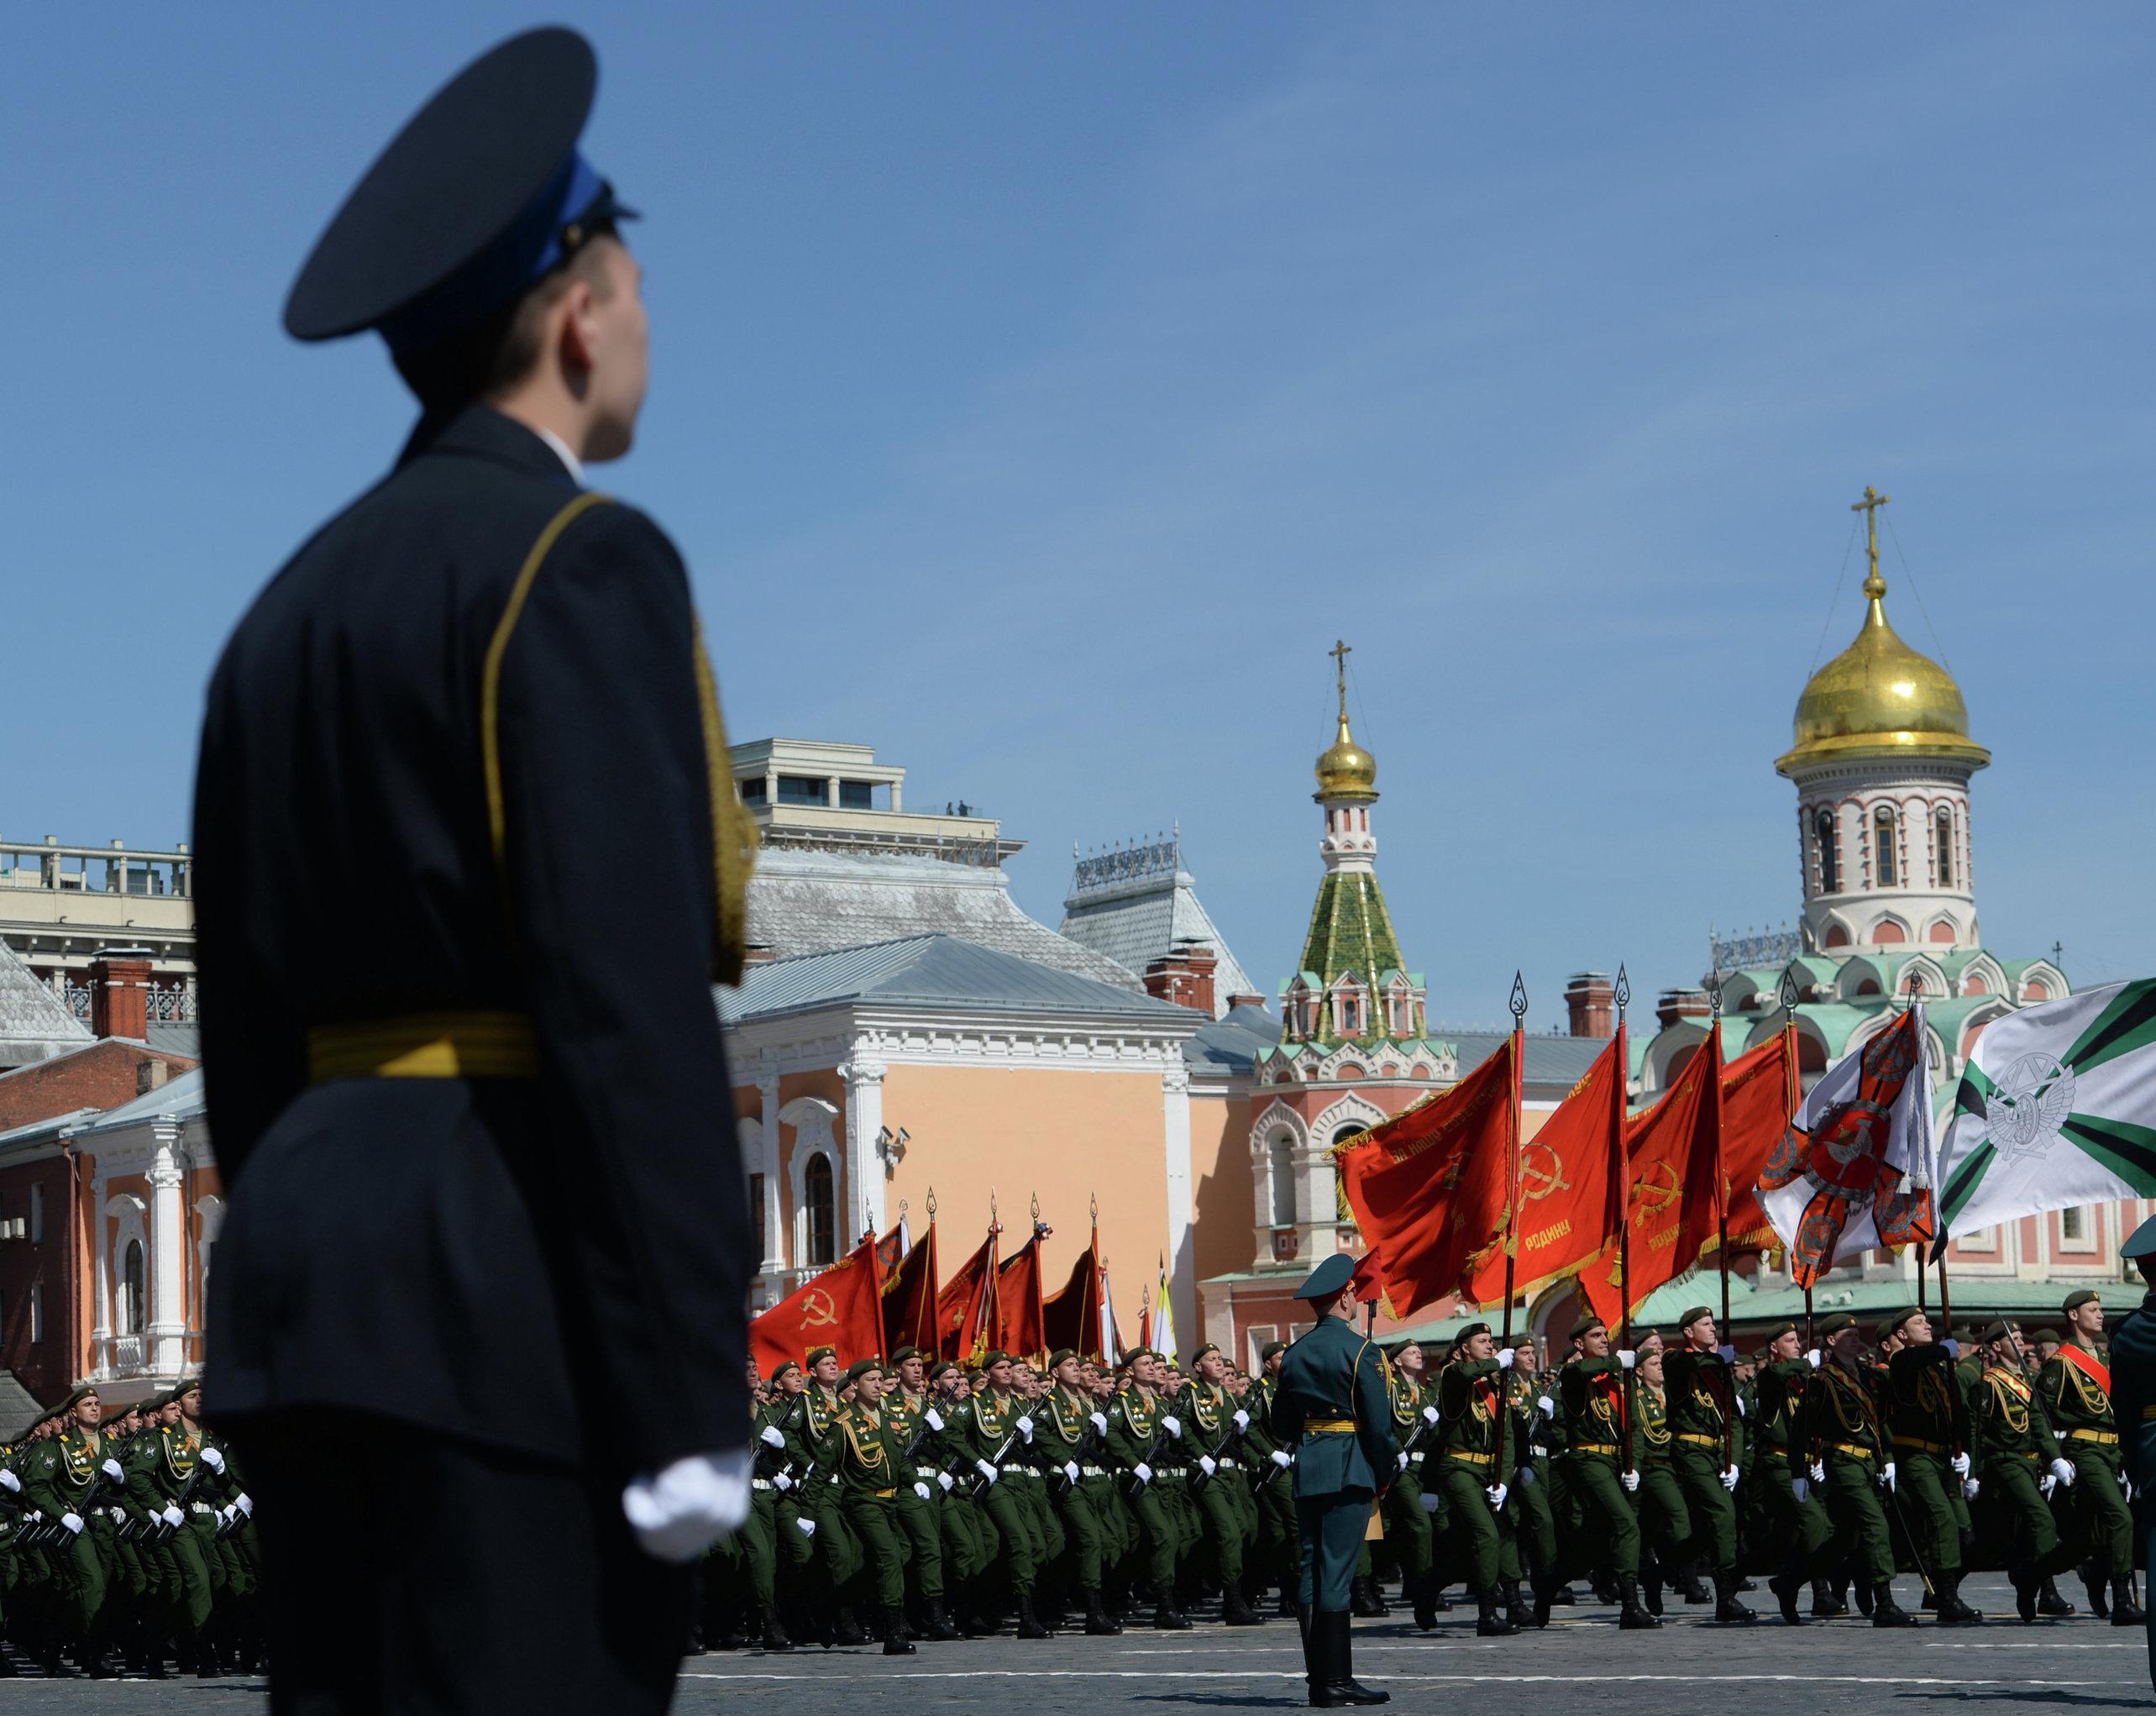 Soldados da unidade cerimonial ensaiam para o 70º aniversário do Dia da Vitória